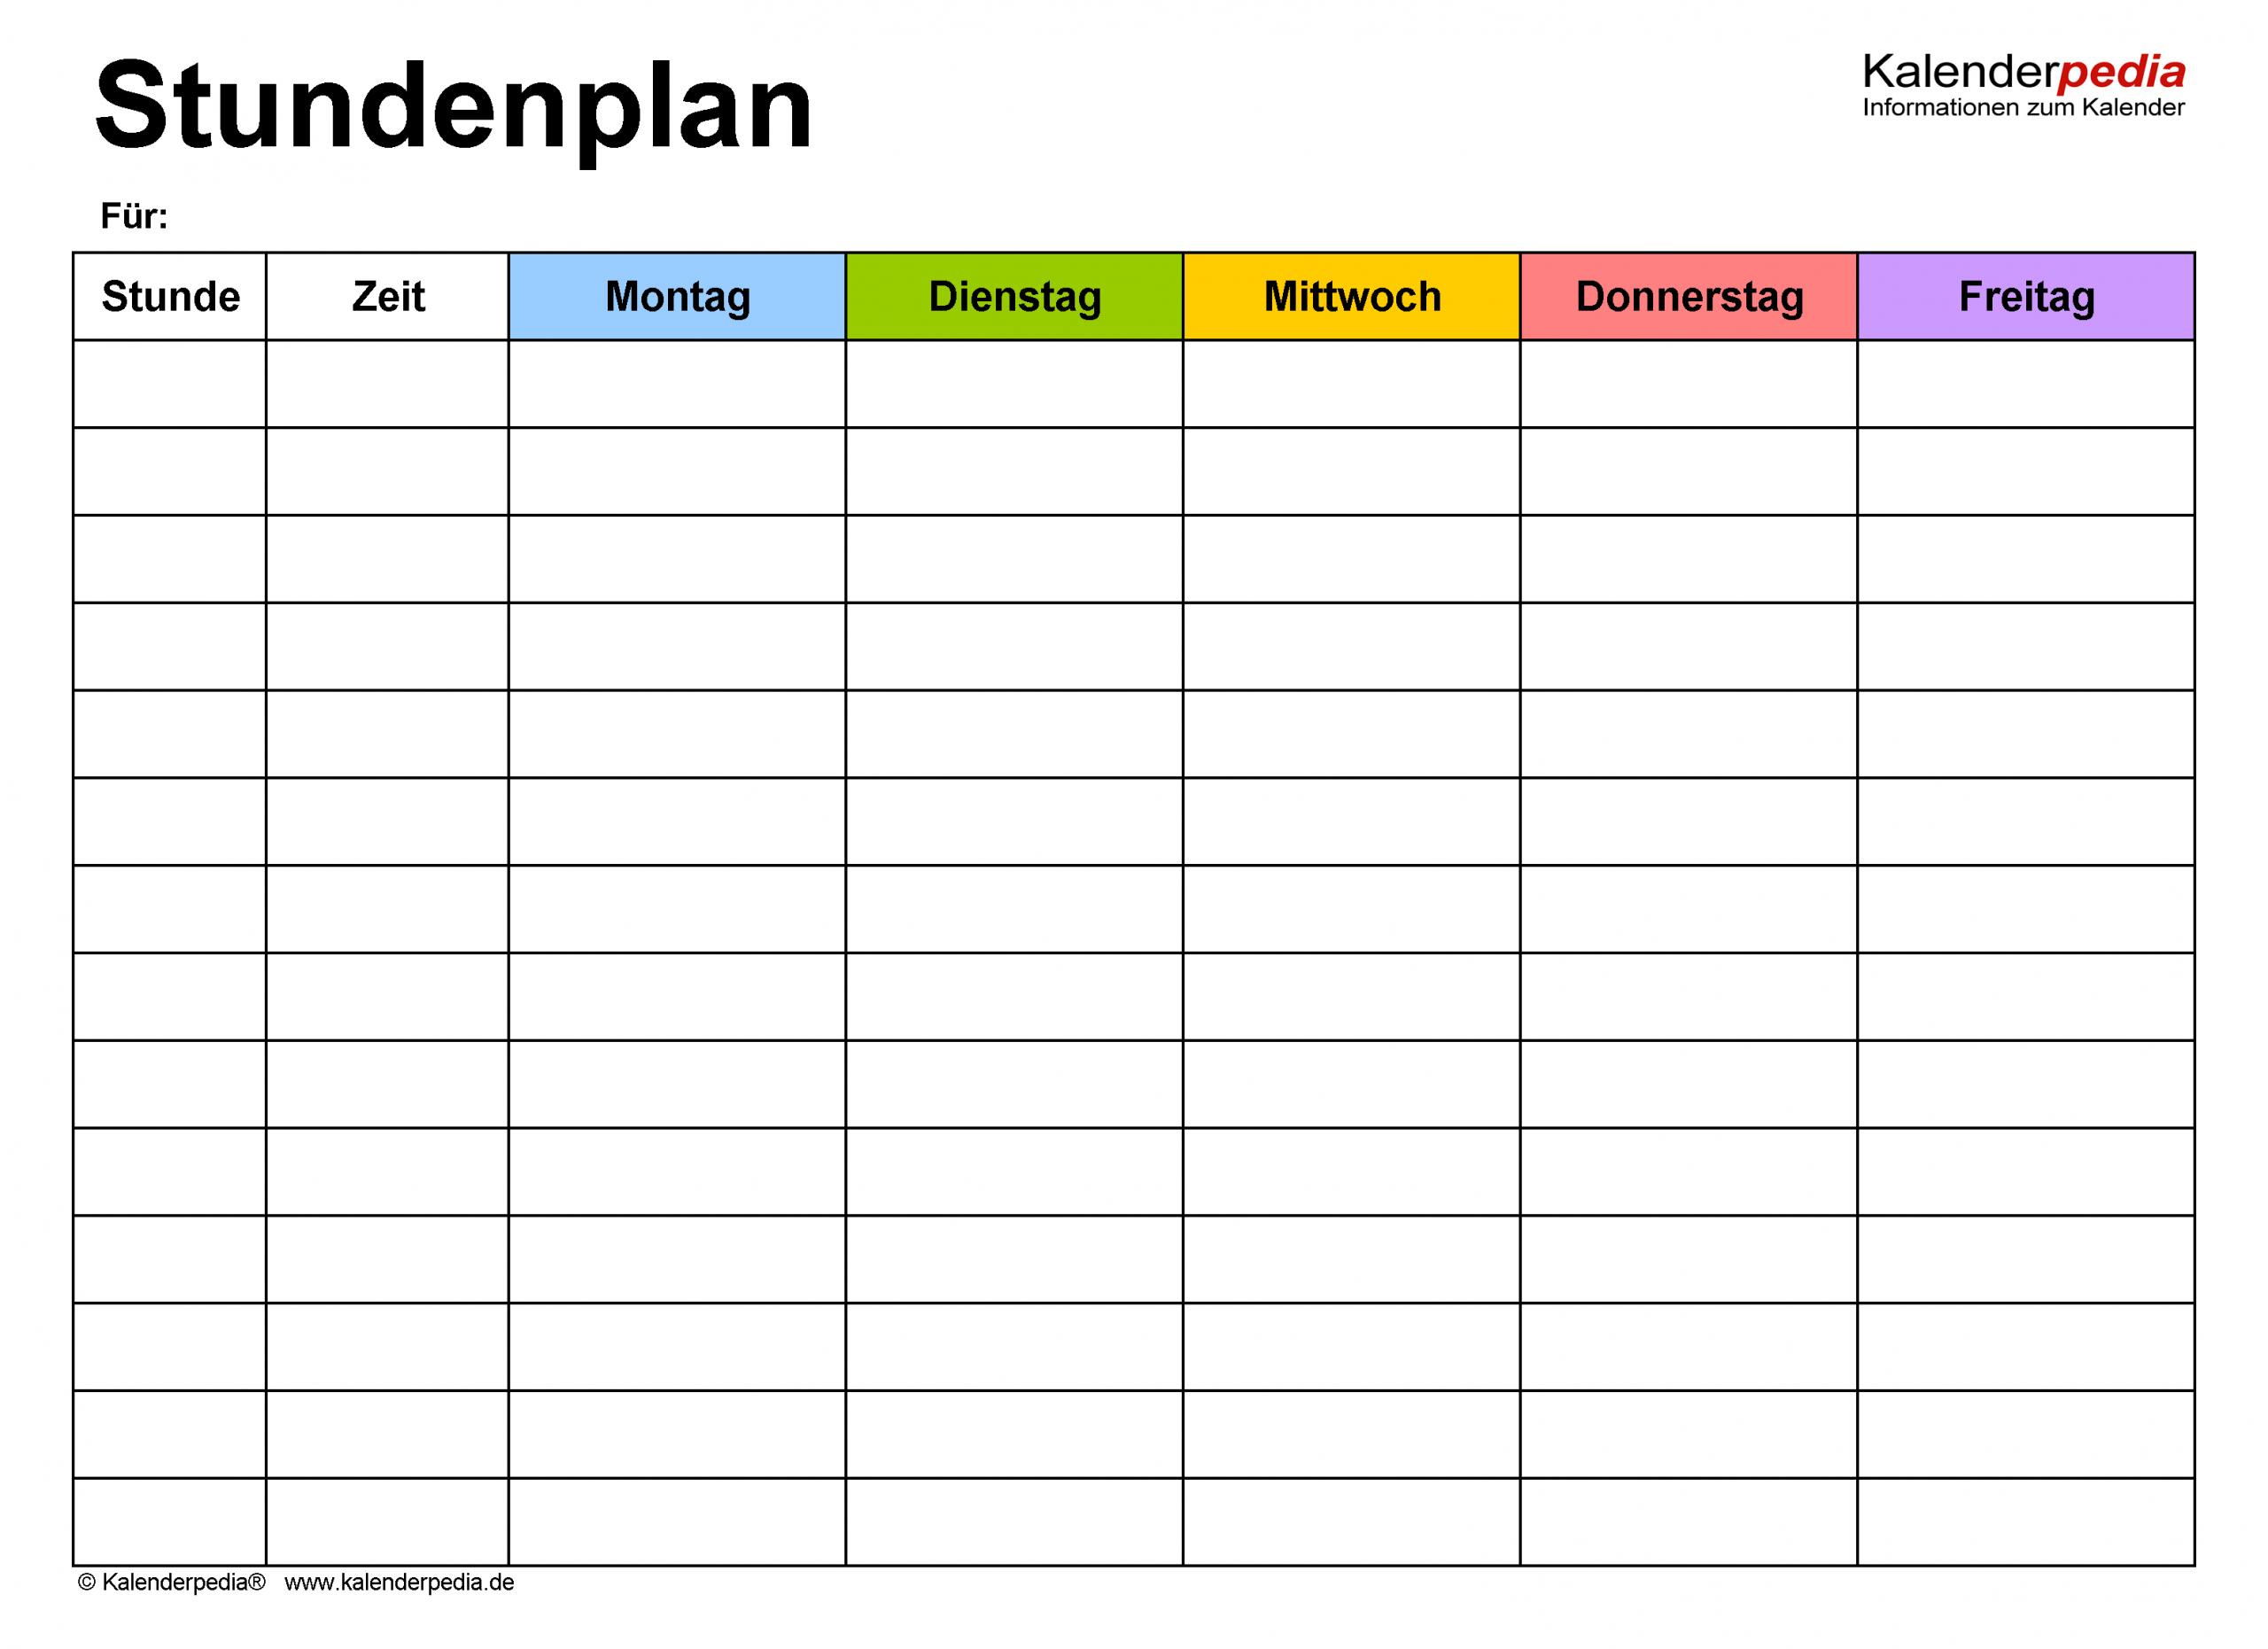 Stundenplan-Vorlagen Pdf Zum Download & Ausdrucken (Kostenlos) innen Stundenplan Zum Ausfüllen Und Ausdrucken Kostenlos